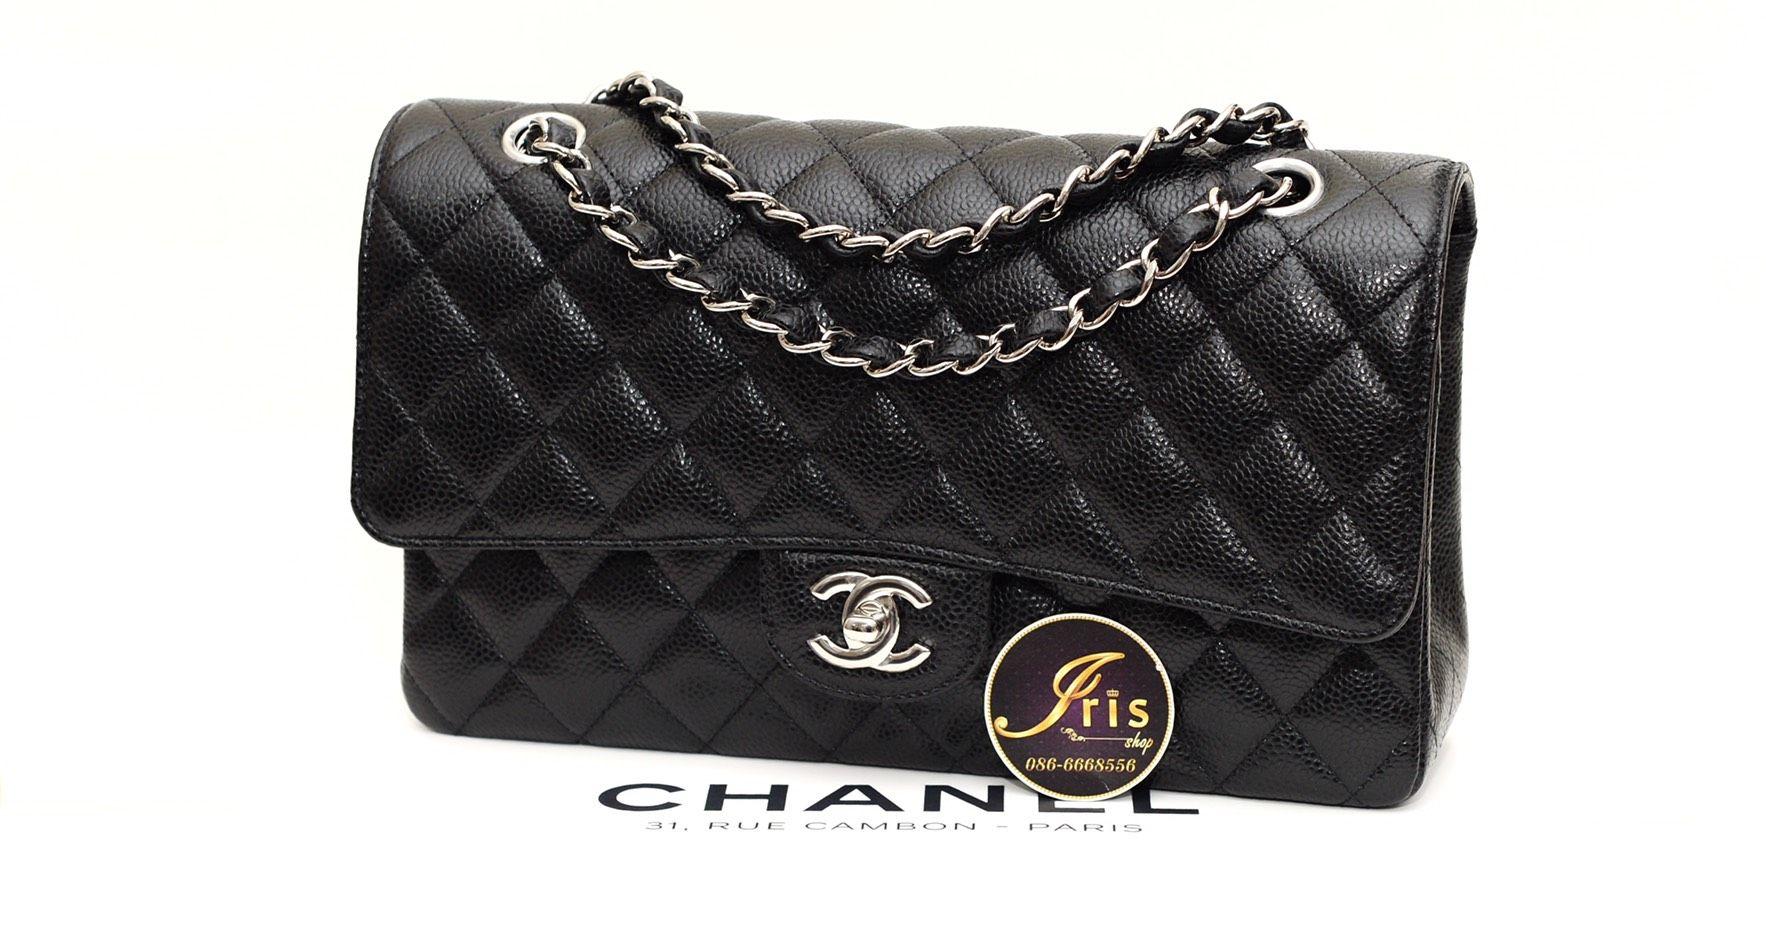 In Classic 10″ กระเป๋าชาแนล Chanel ทรงสวย Shw หนังสวย Caviar Black